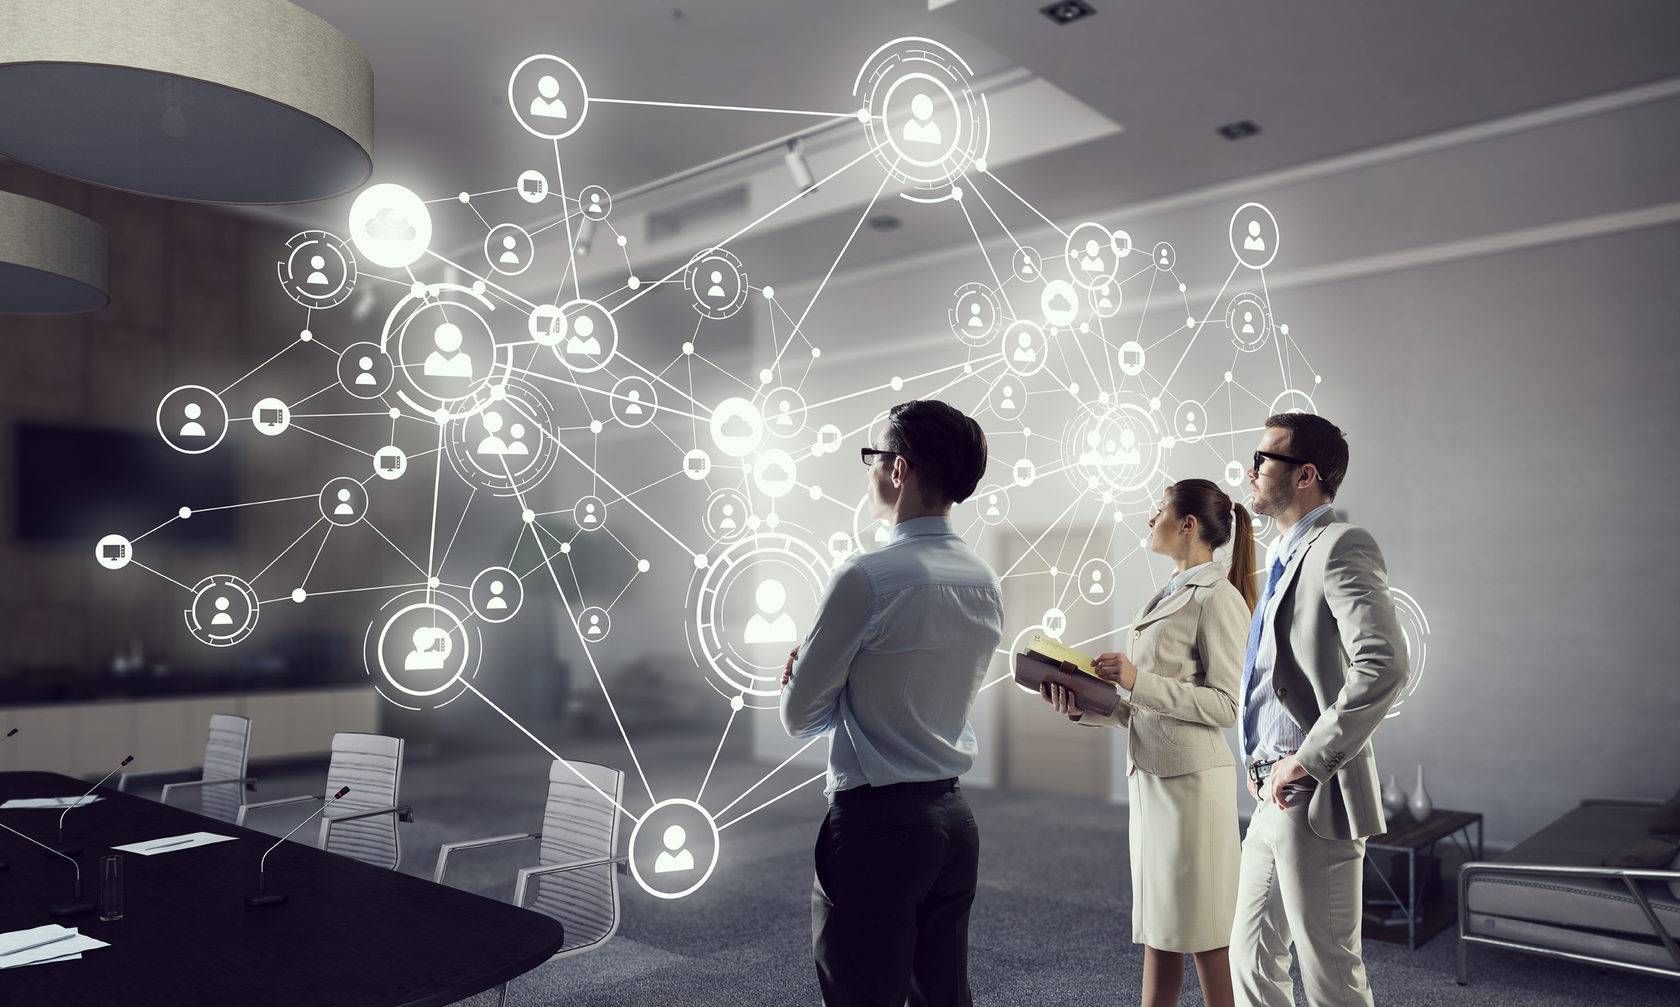 It технологии: что это такое, какие профессии связаны